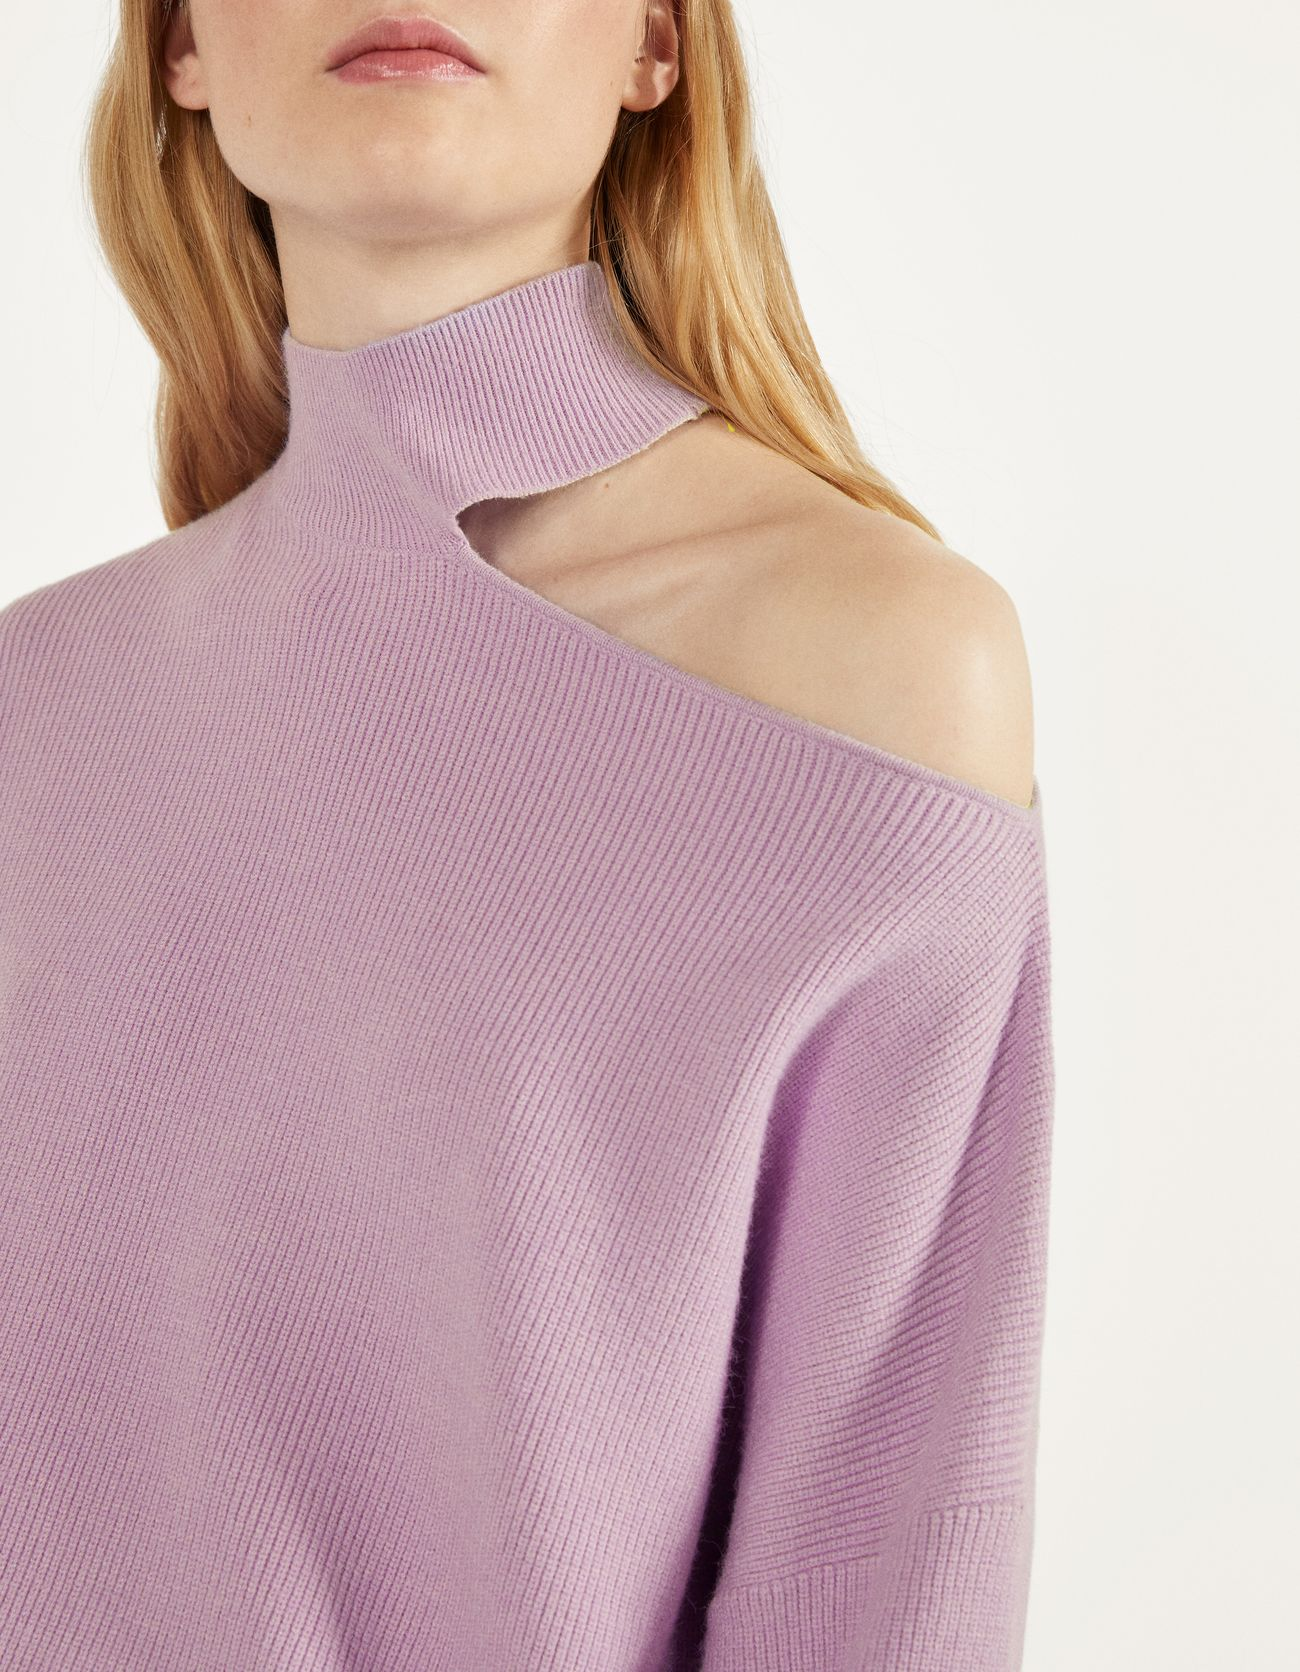 Свитер асимметричного кроя Фиолетовый Bershka